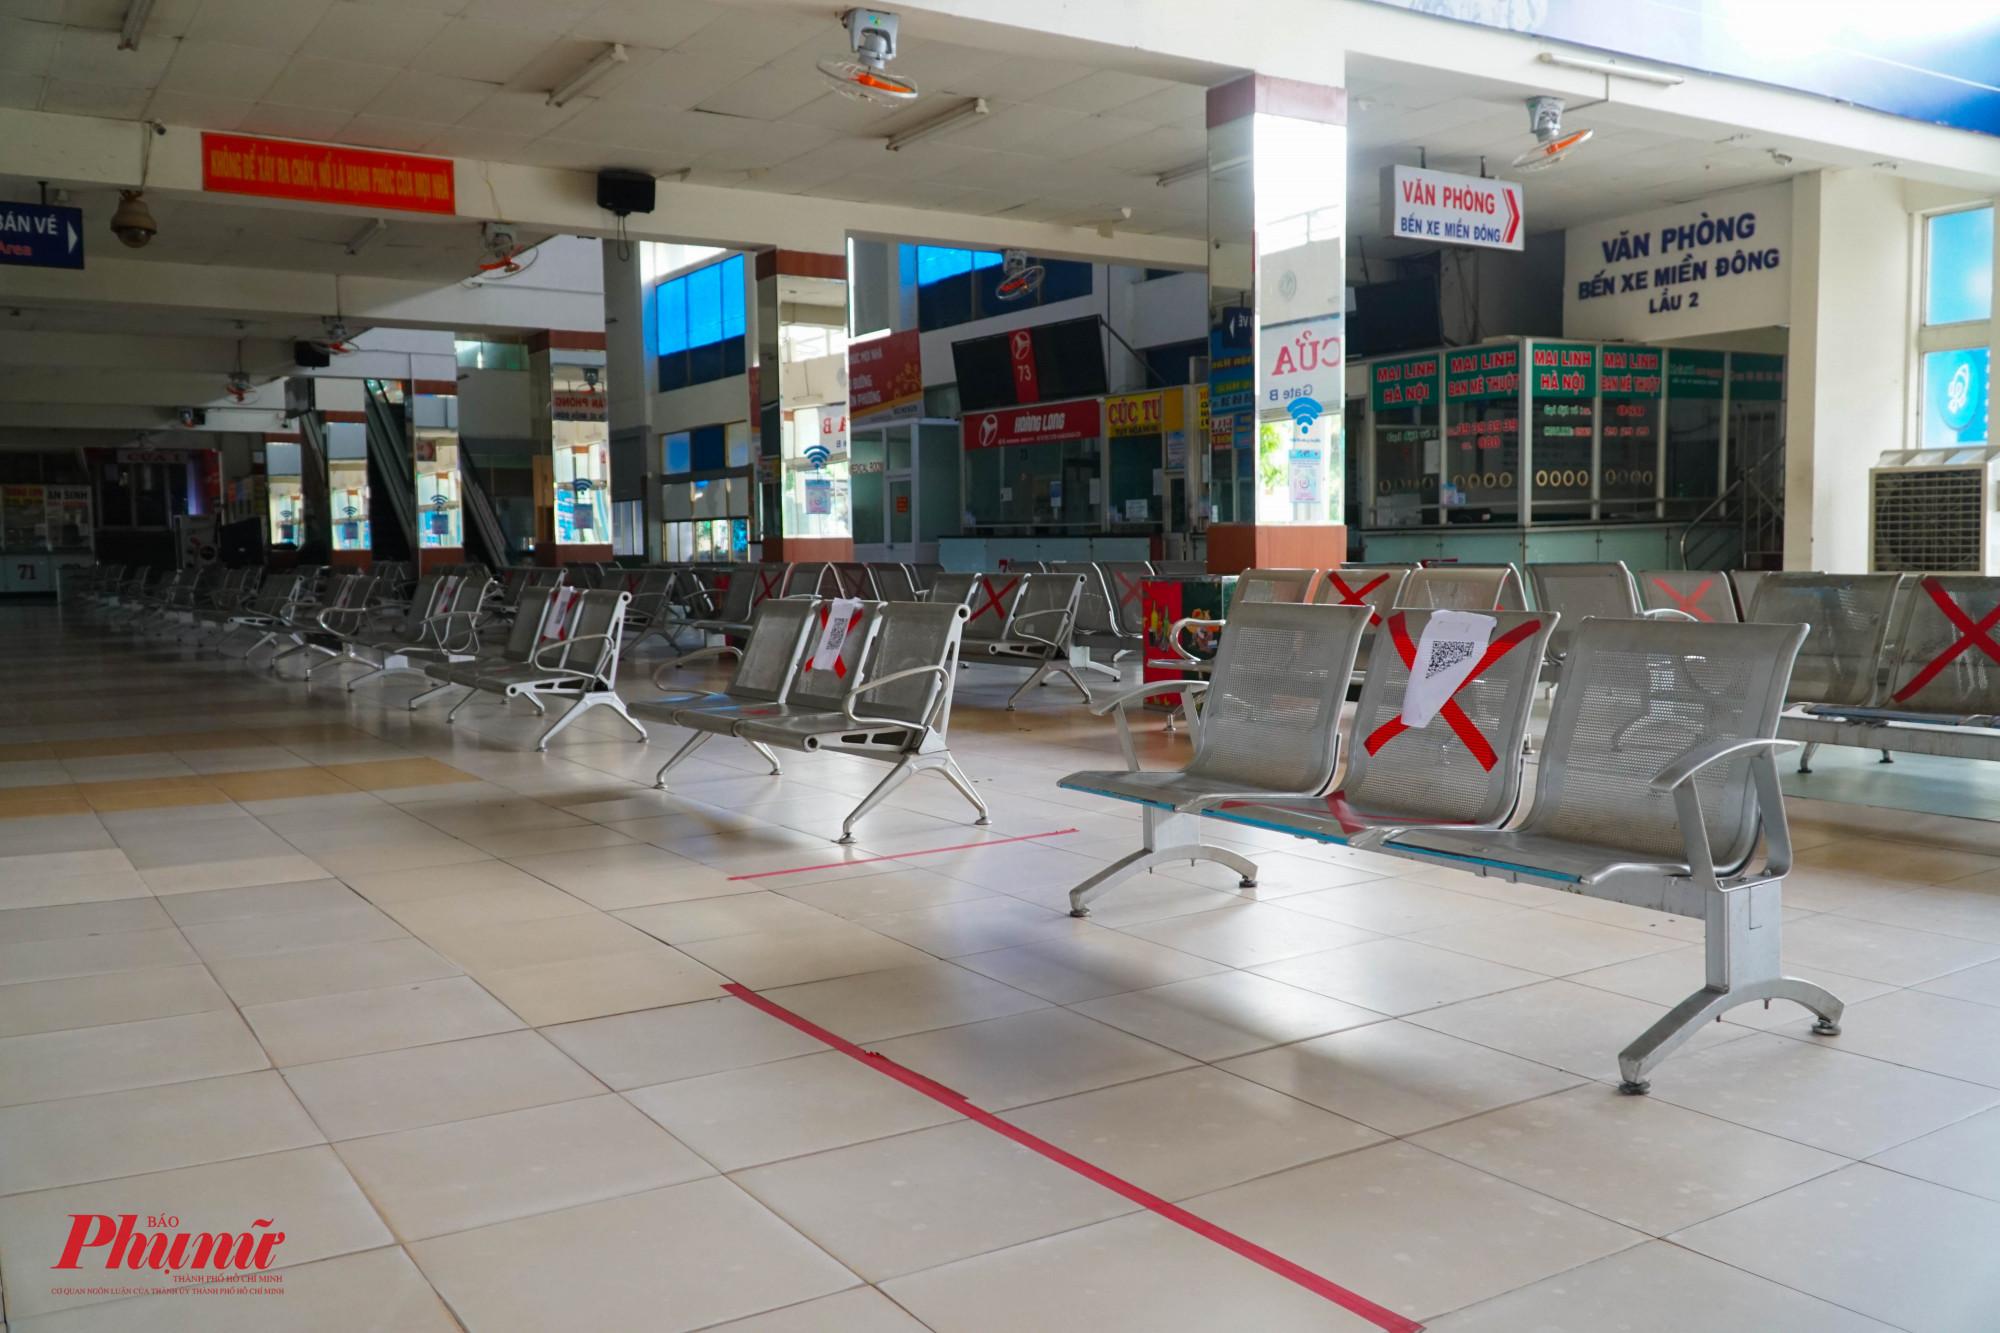 Các hàng ghế được đánh dấu X, hạn chế người dân ngồi gần nhayu